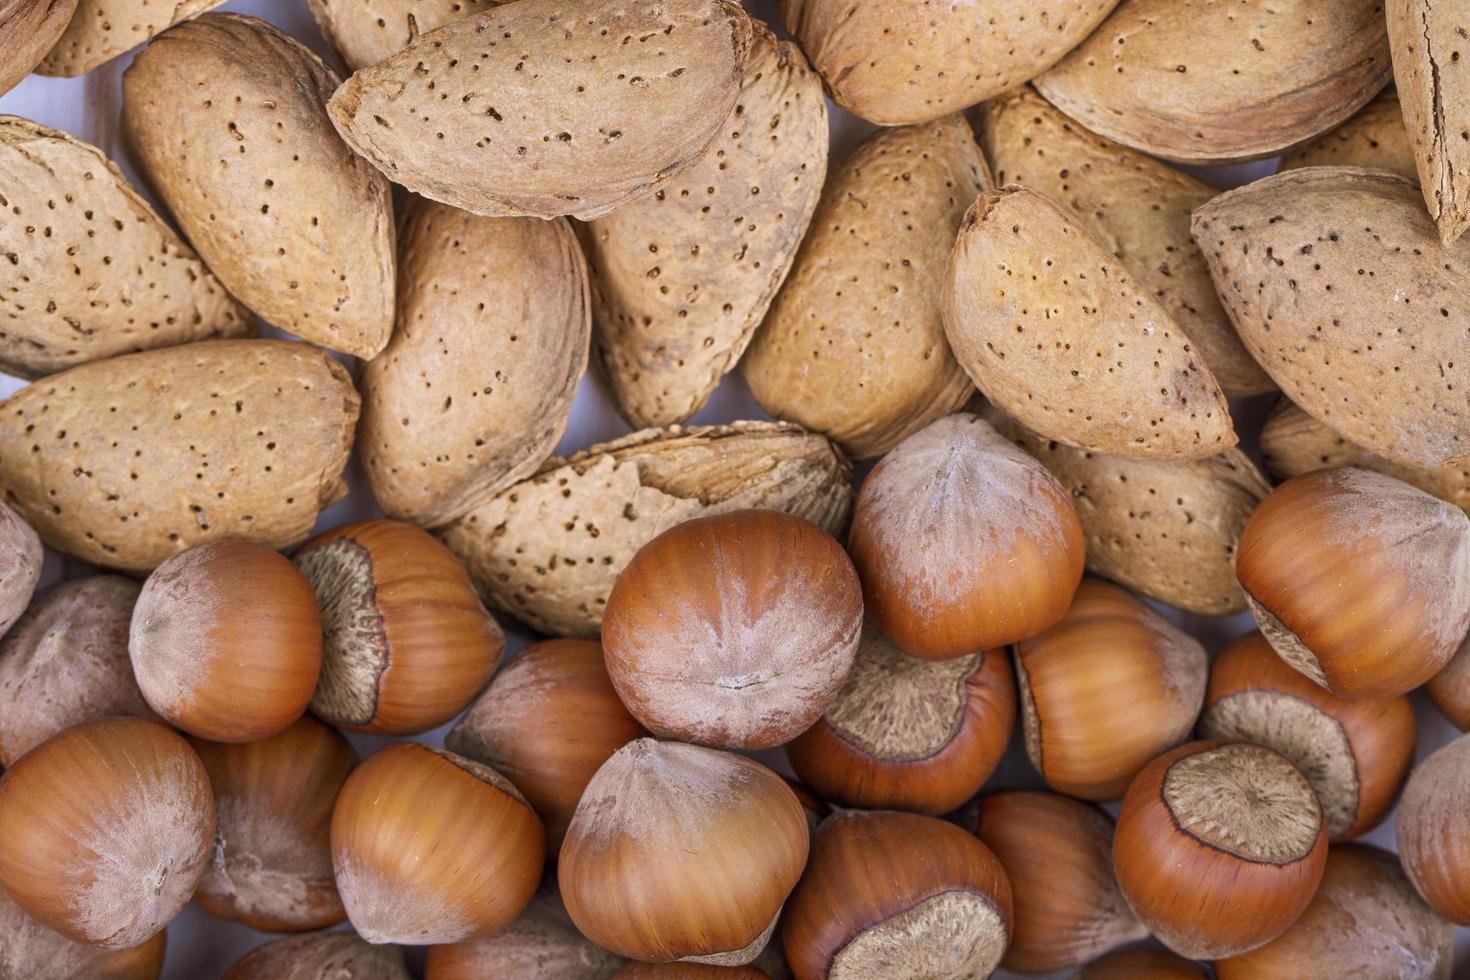 Vue de dessus du mélange de noix en coquille de noisettes et d'amande sur fond blanc photo